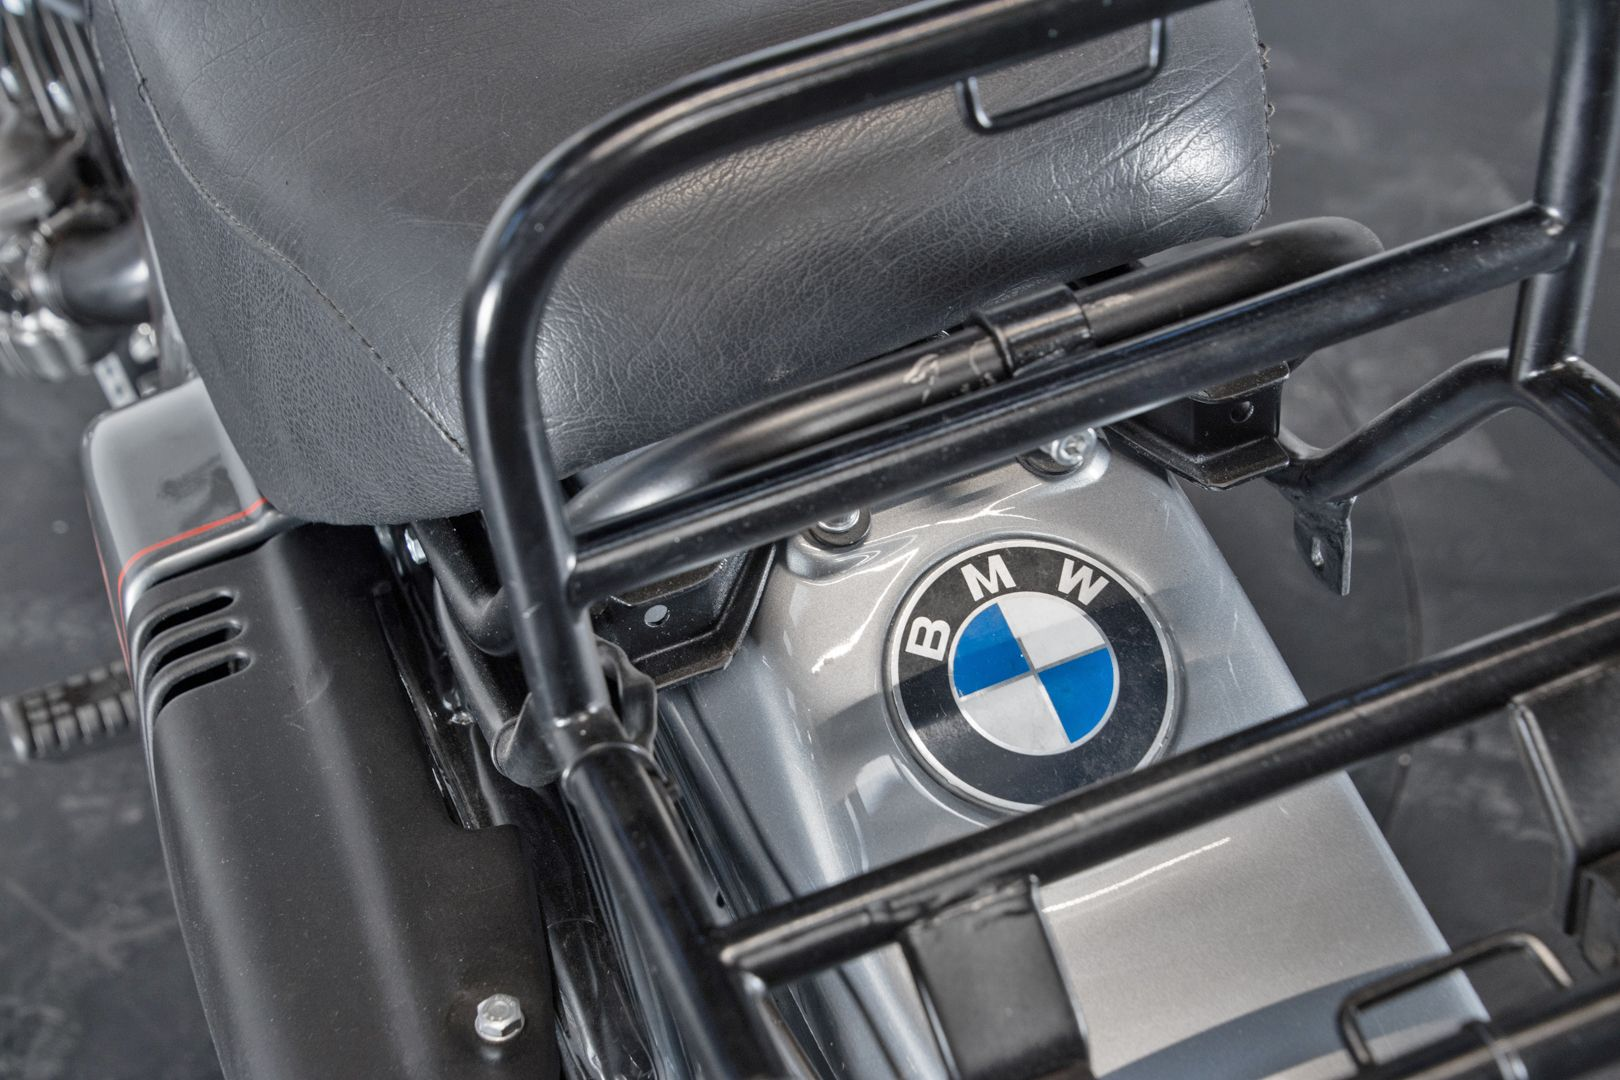 1984 BMW R 80 ST 34867